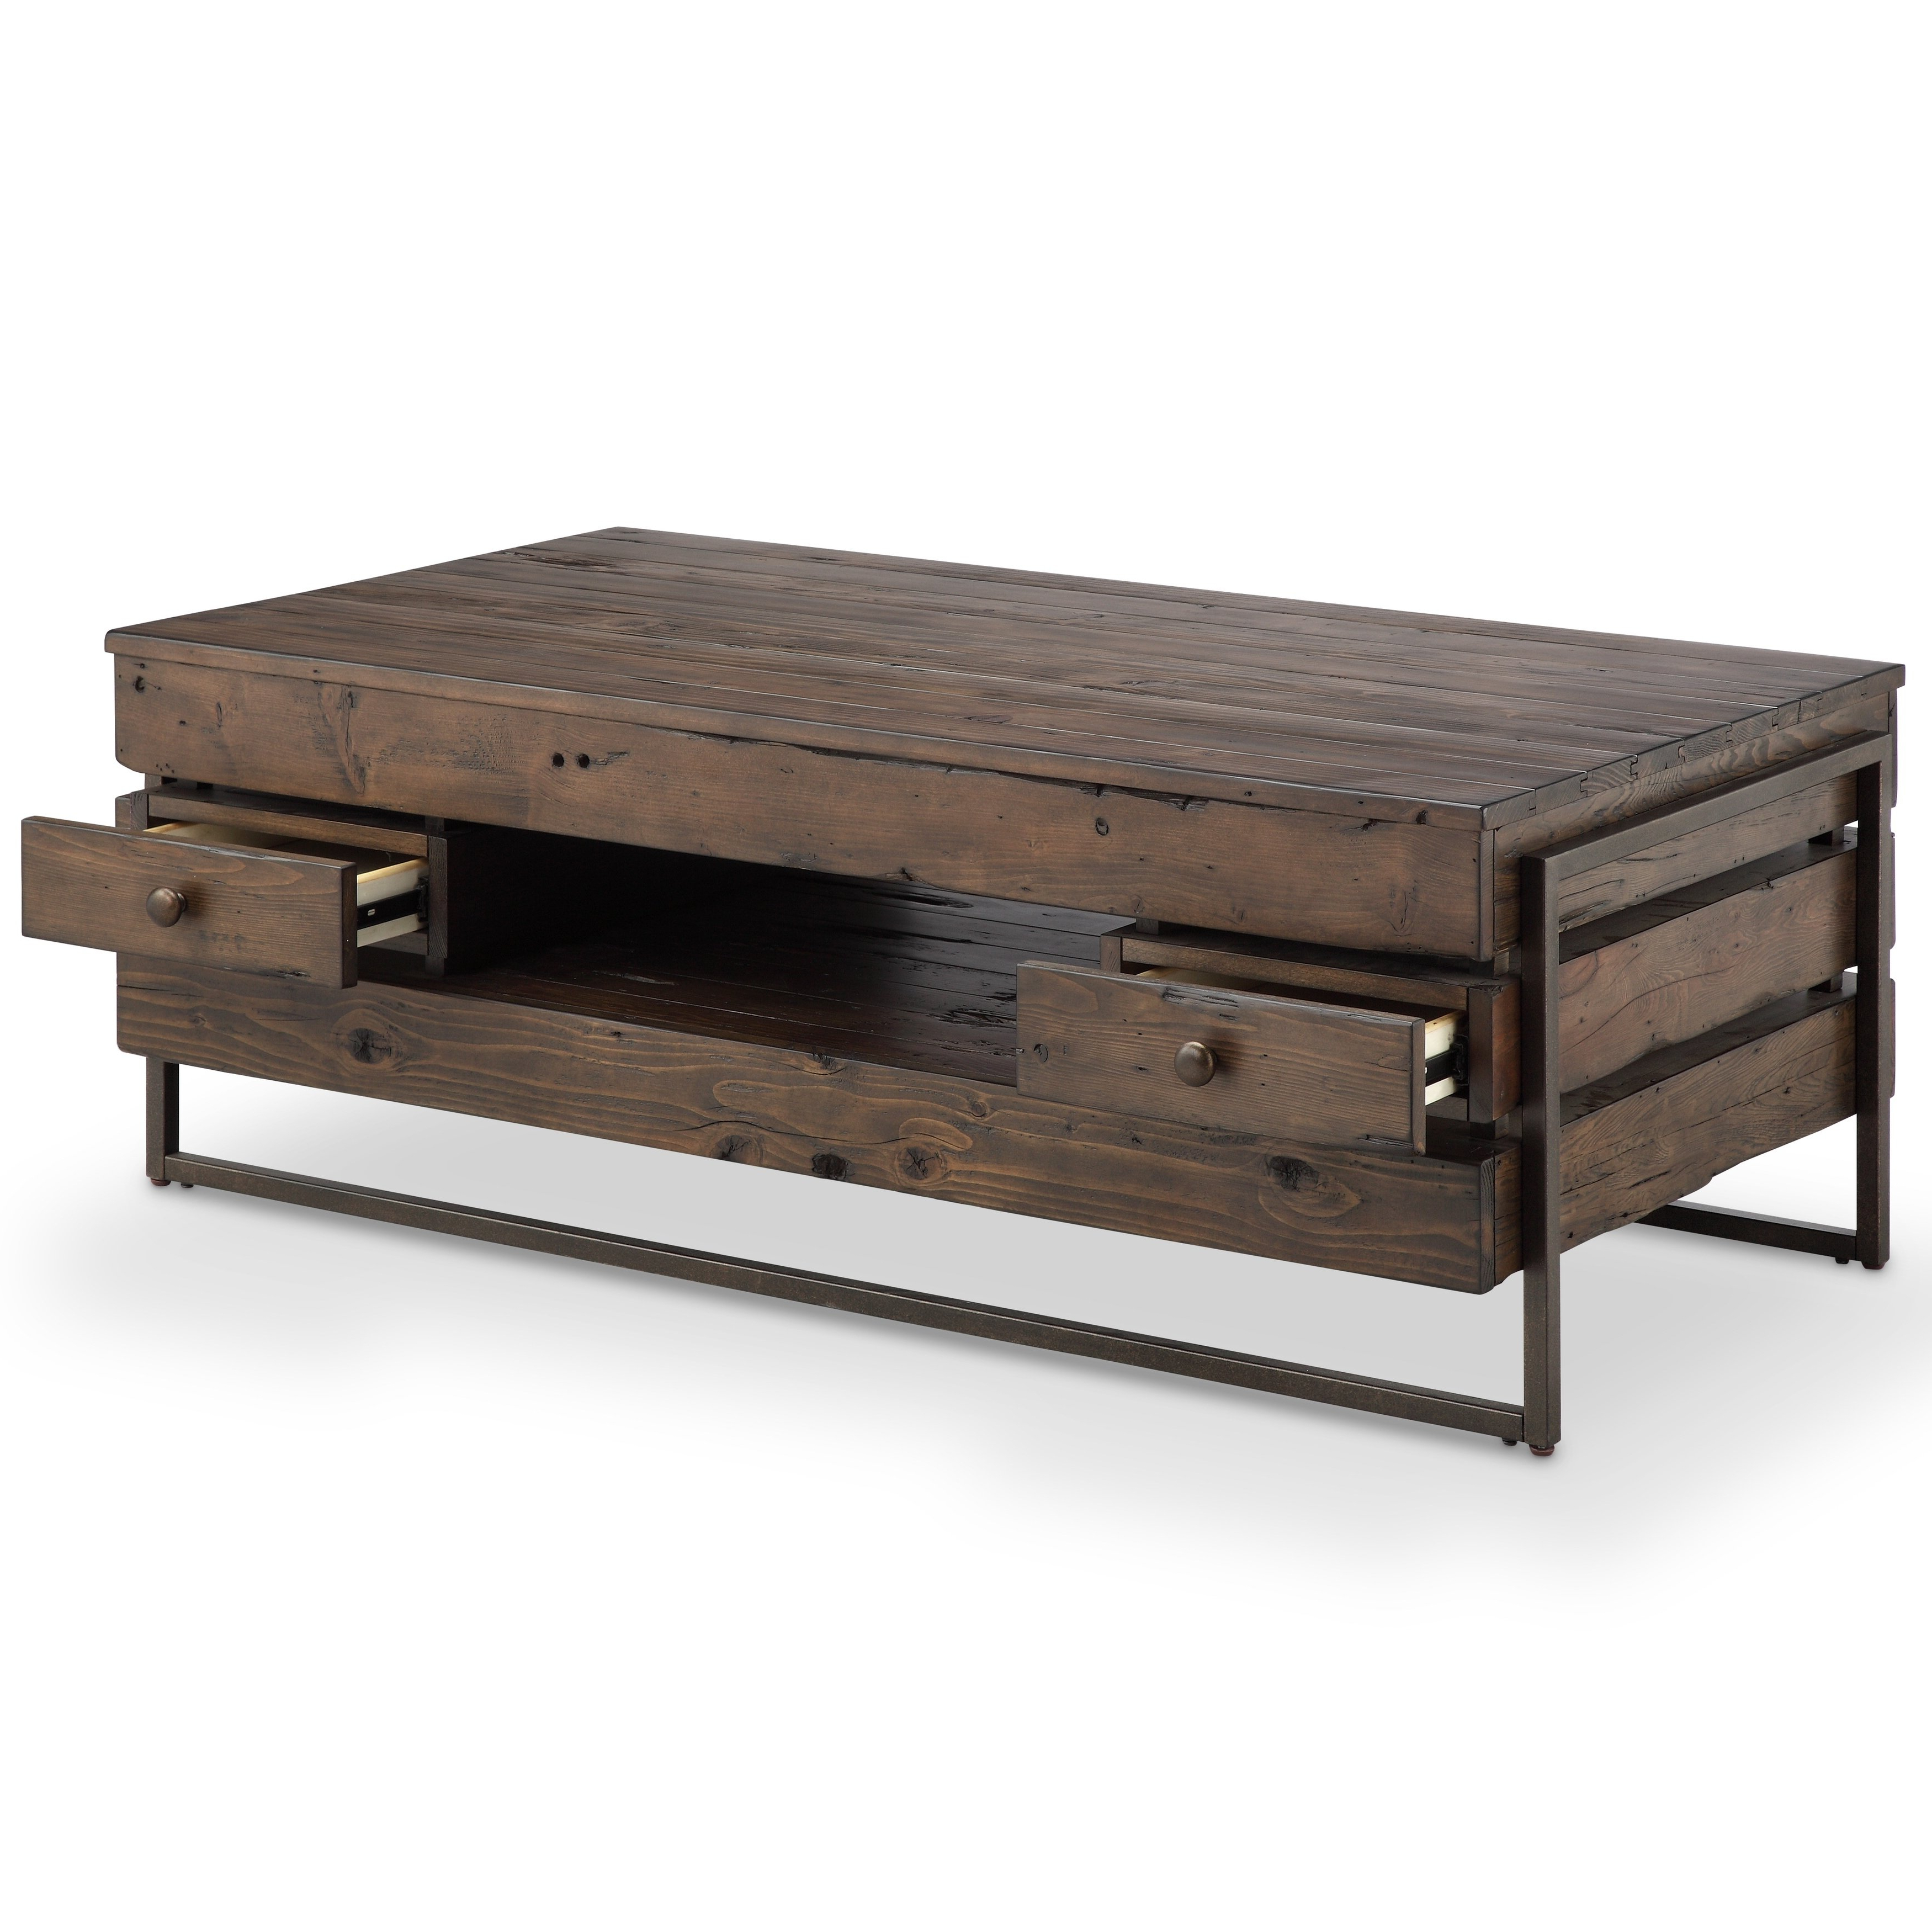 2018 Modern Rustic Coffee Tables Regarding Shop Kirkwood Modern Rustic Dark Whiskey Reclaimed Wood Coffee Table (View 1 of 20)